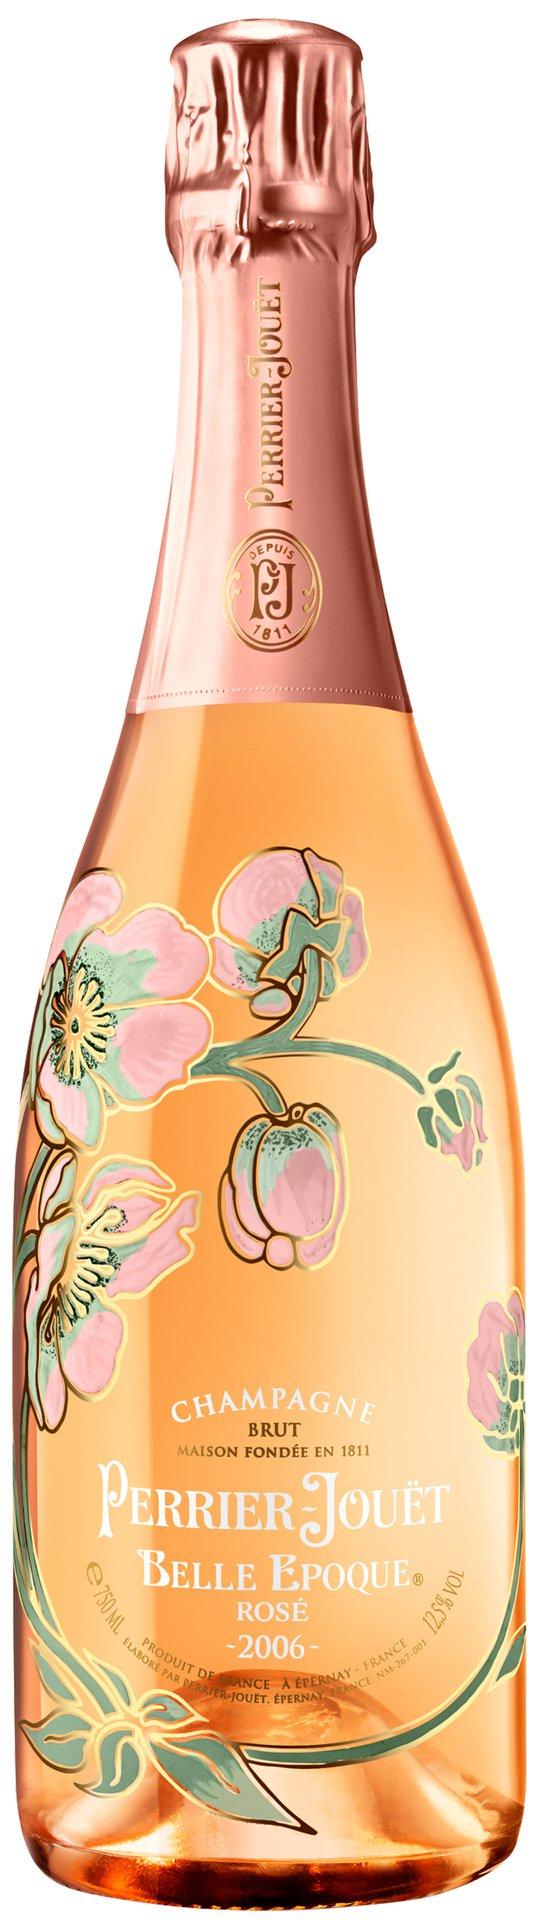 Champagne Perrier-Jouët – Belle Epoque 2006, Rosé – Brut